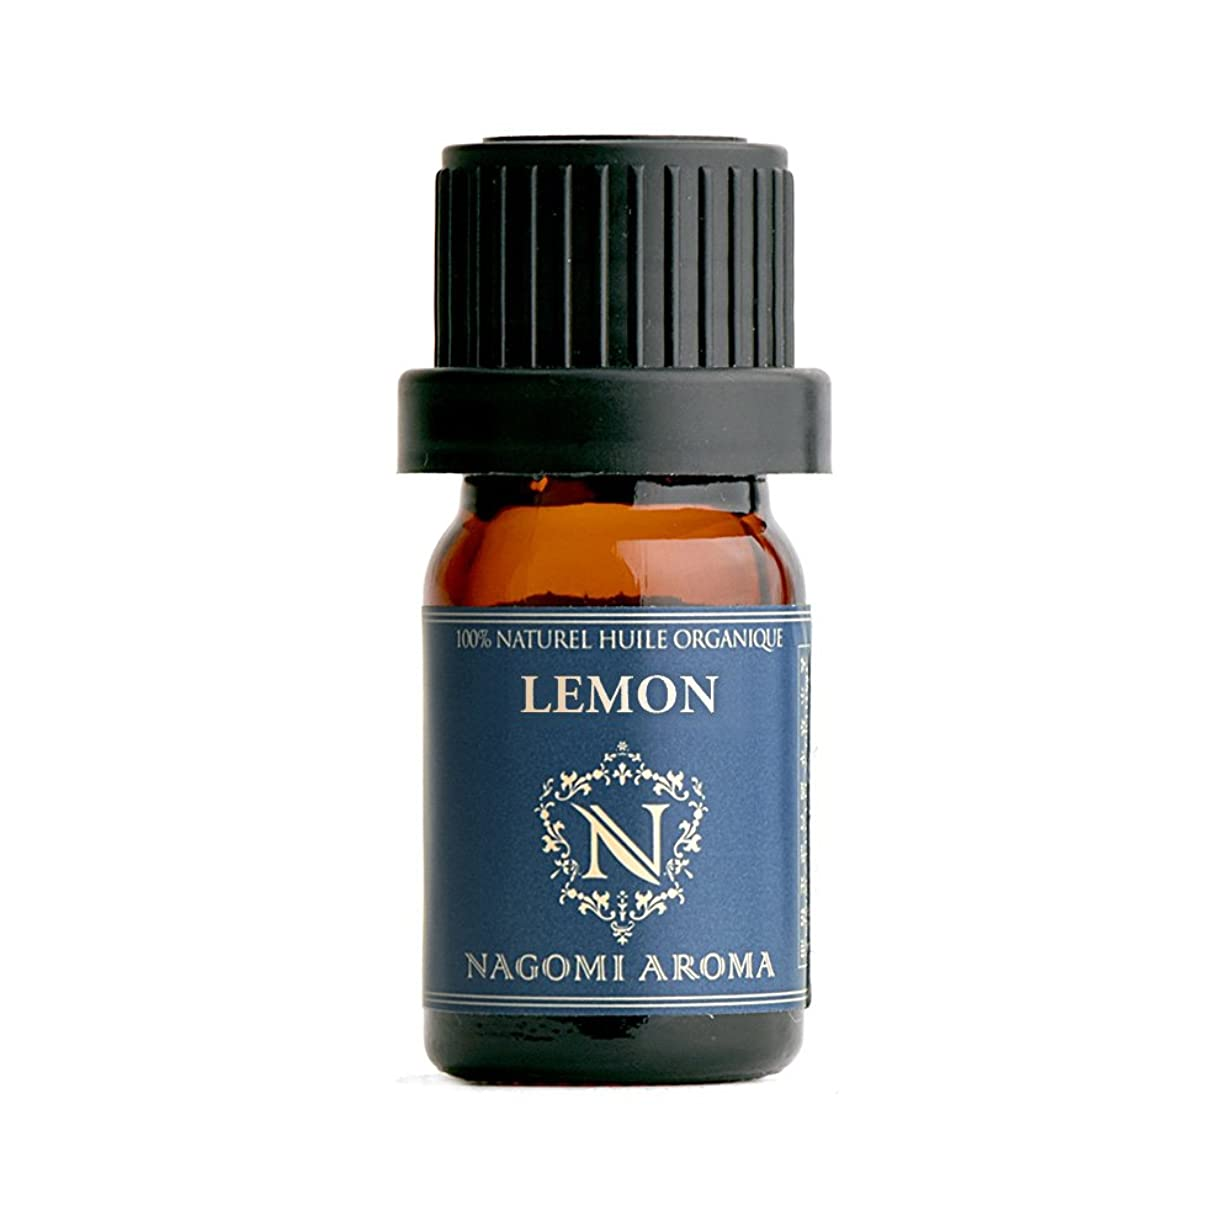 批判シーケンス出身地NAGOMI AROMA オーガニック レモン 5ml 【AEAJ認定精油】【アロマオイル】